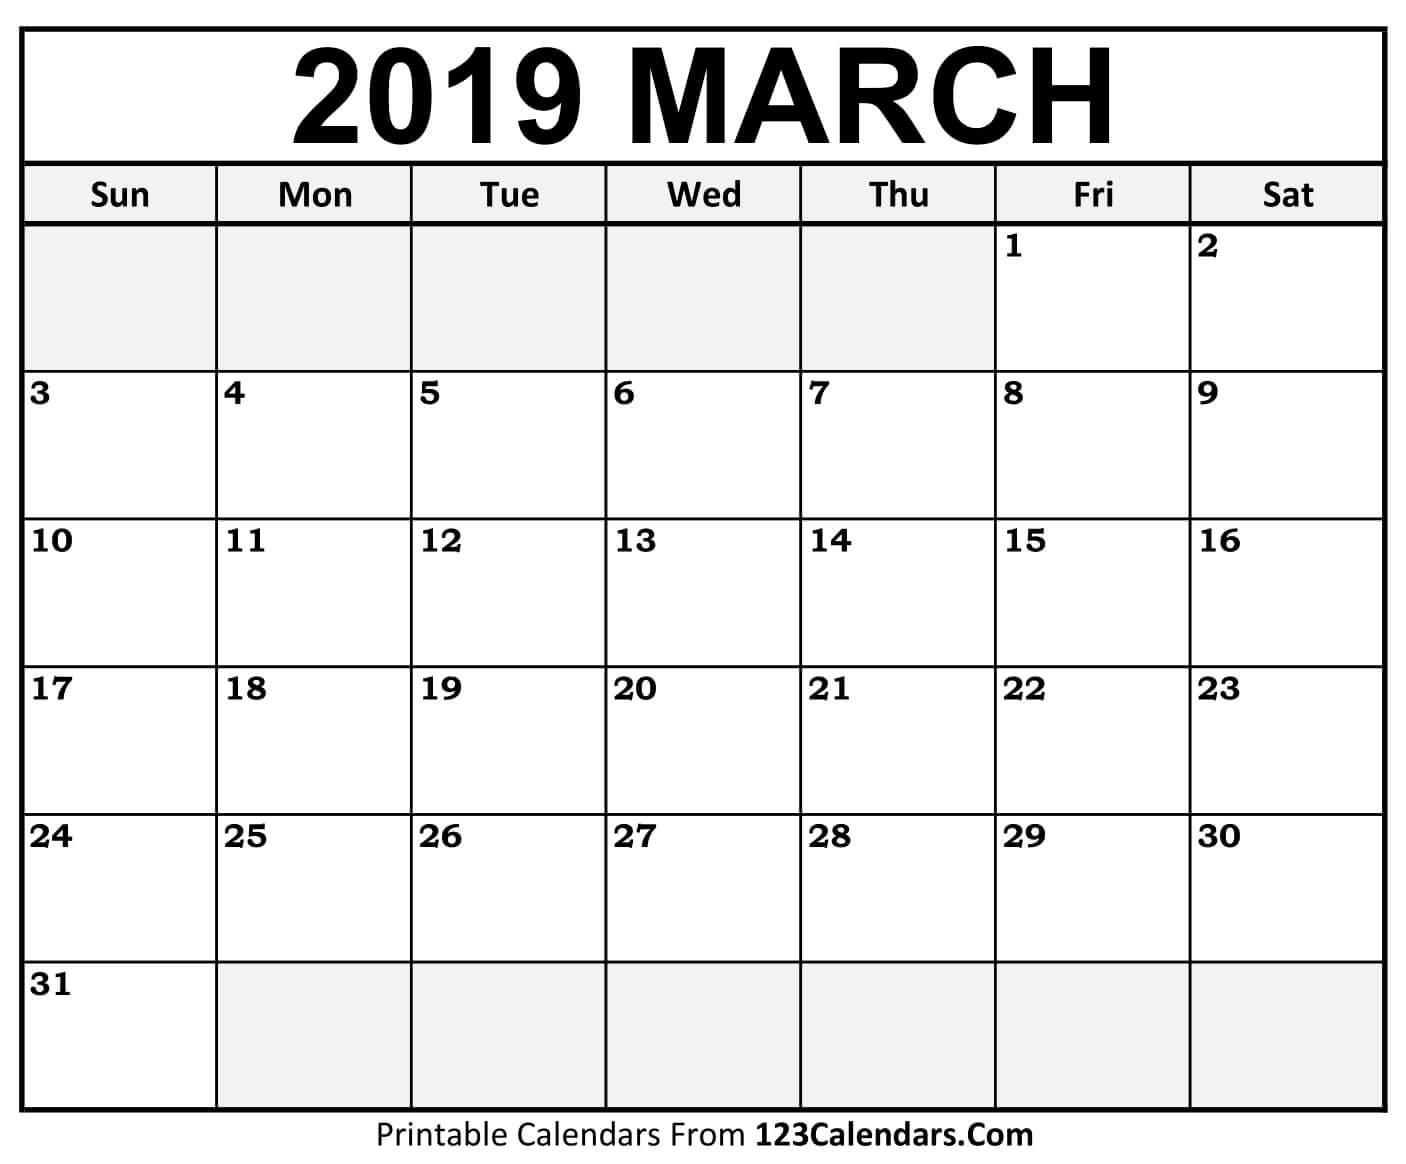 Printable March 2019 Calendar Templates - 123Calendars Calendar Of 2019 March